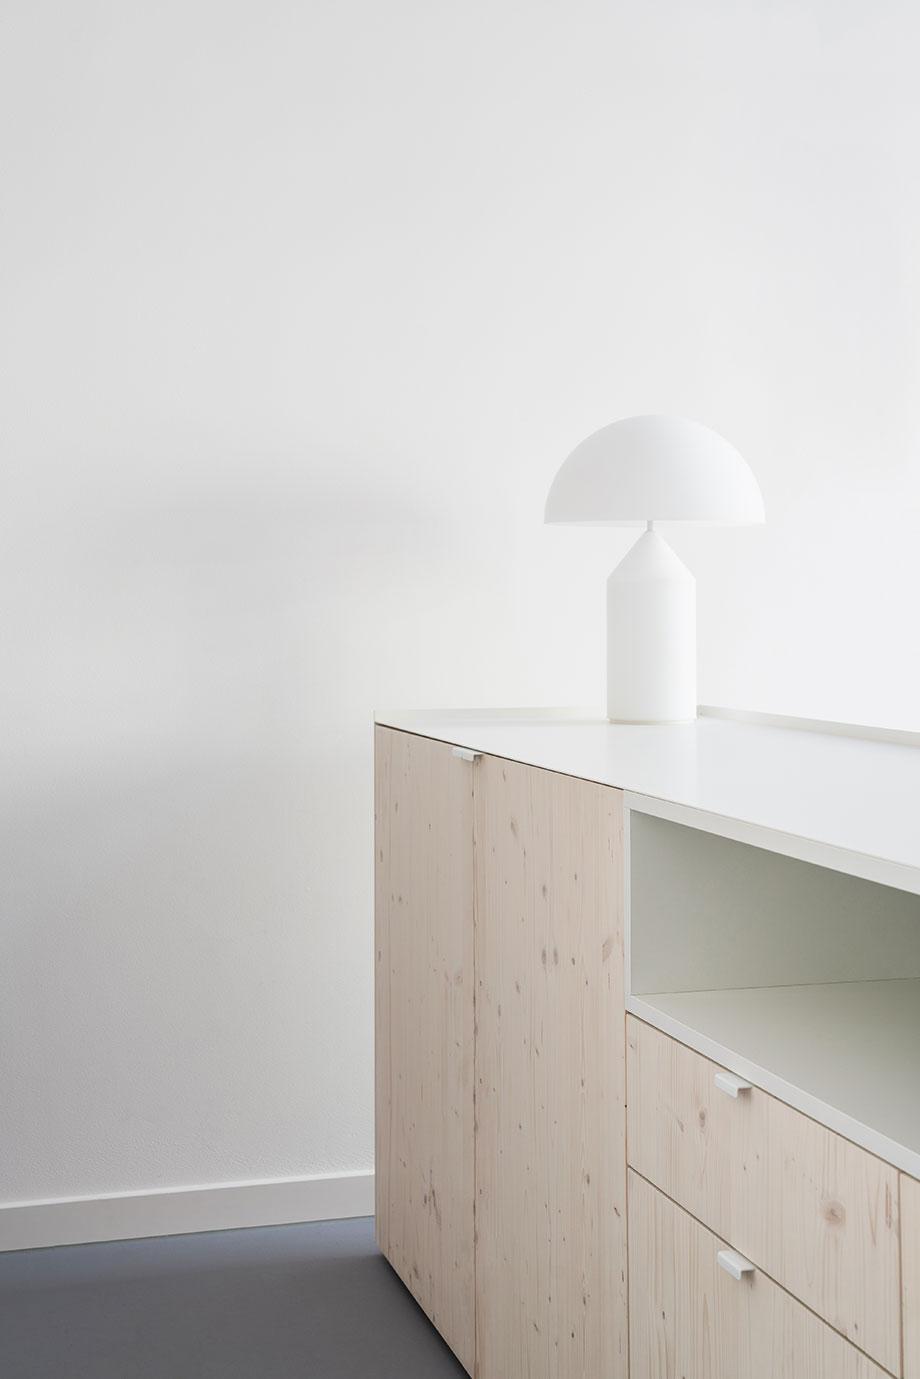 tienda vaay de batek architekten (10) - fotografía marcus wend